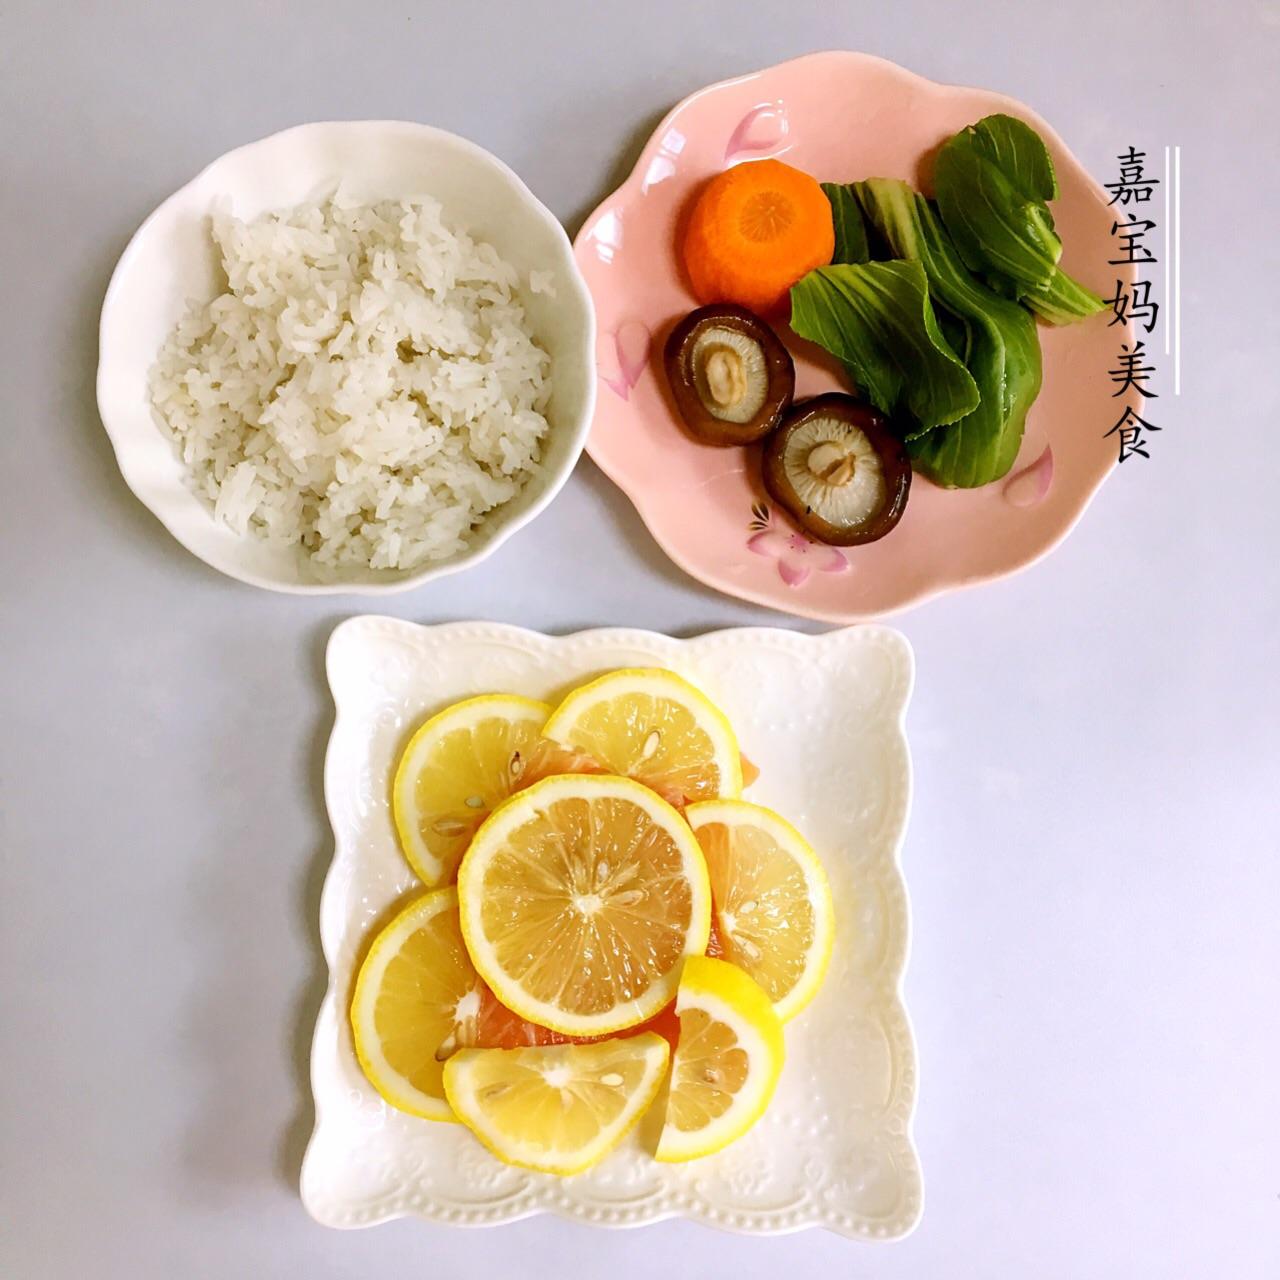 三文鱼蔬菜饭团的做法步骤 ps:加水煮一下,米饭就不会太干,宝宝也会